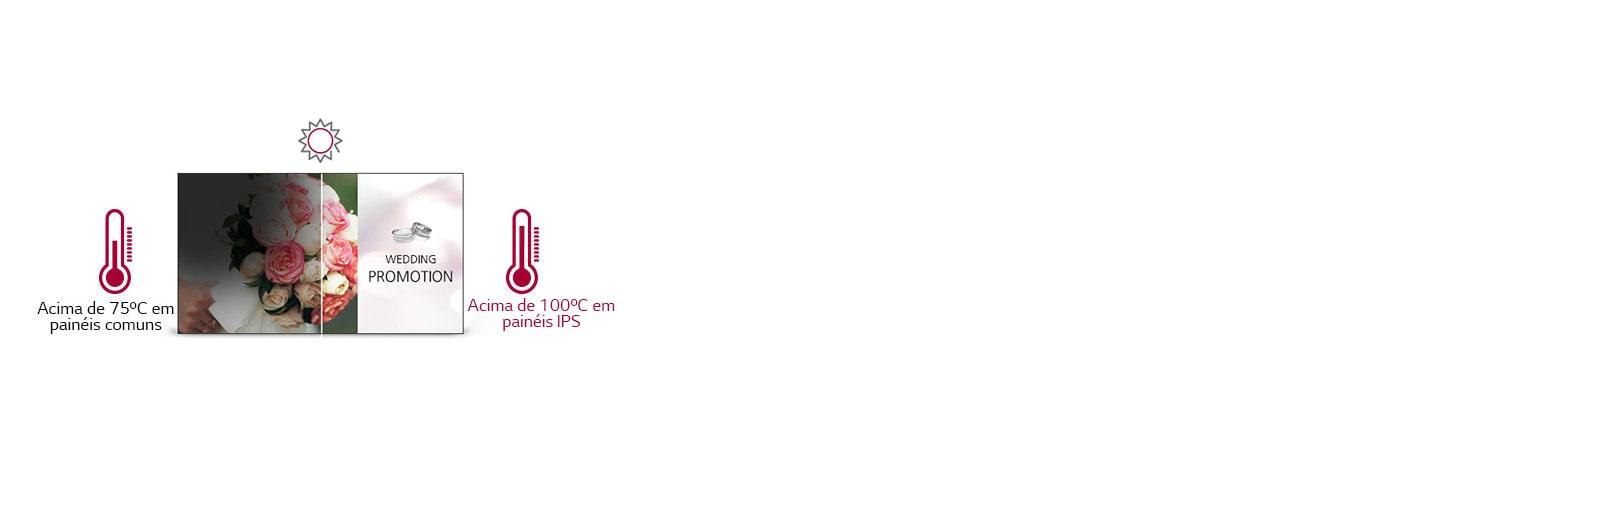 49SE3KD_Sub05_23102017_D_1508784099982